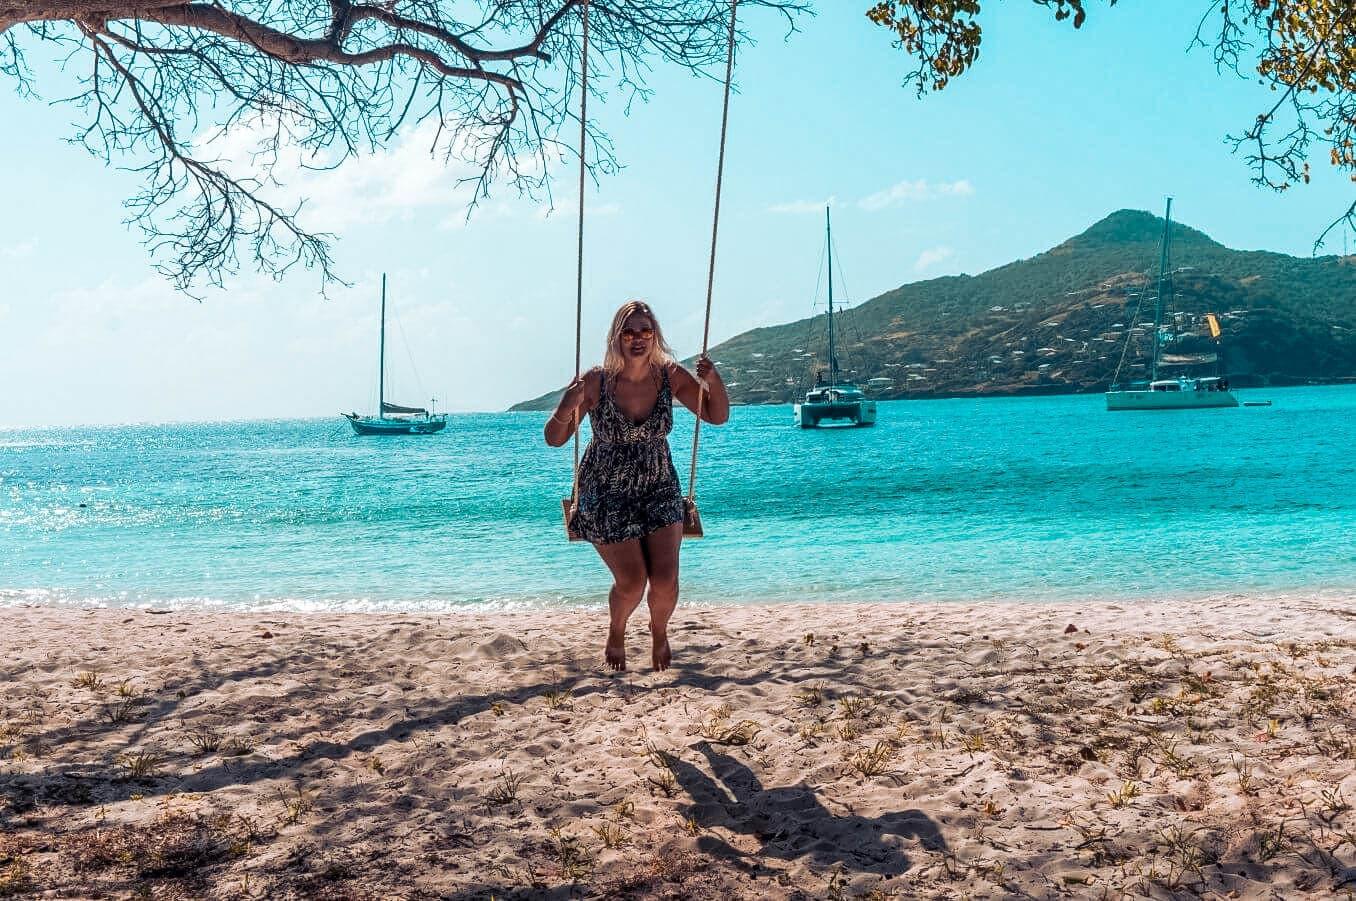 phenomenaler Fotospot für Bilder in der Karibik